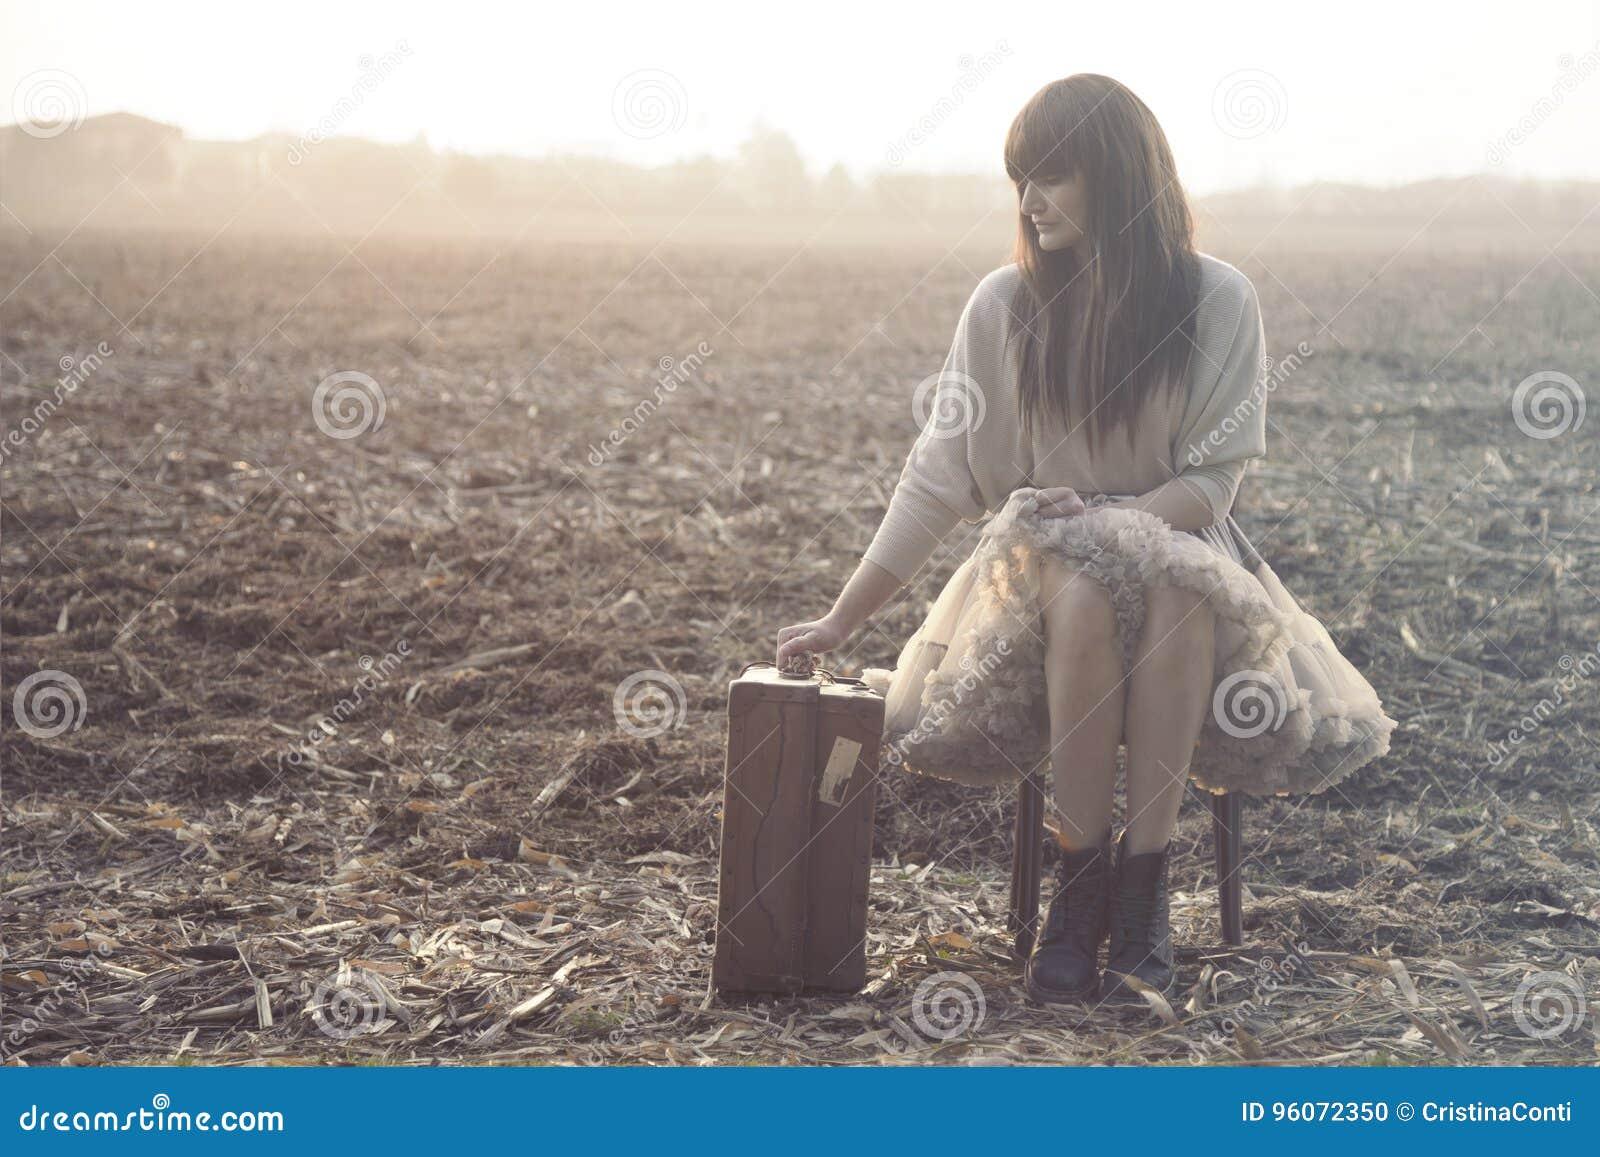 Reisende Frau setzt sich hin, um nach einer langen Reise stillzustehen